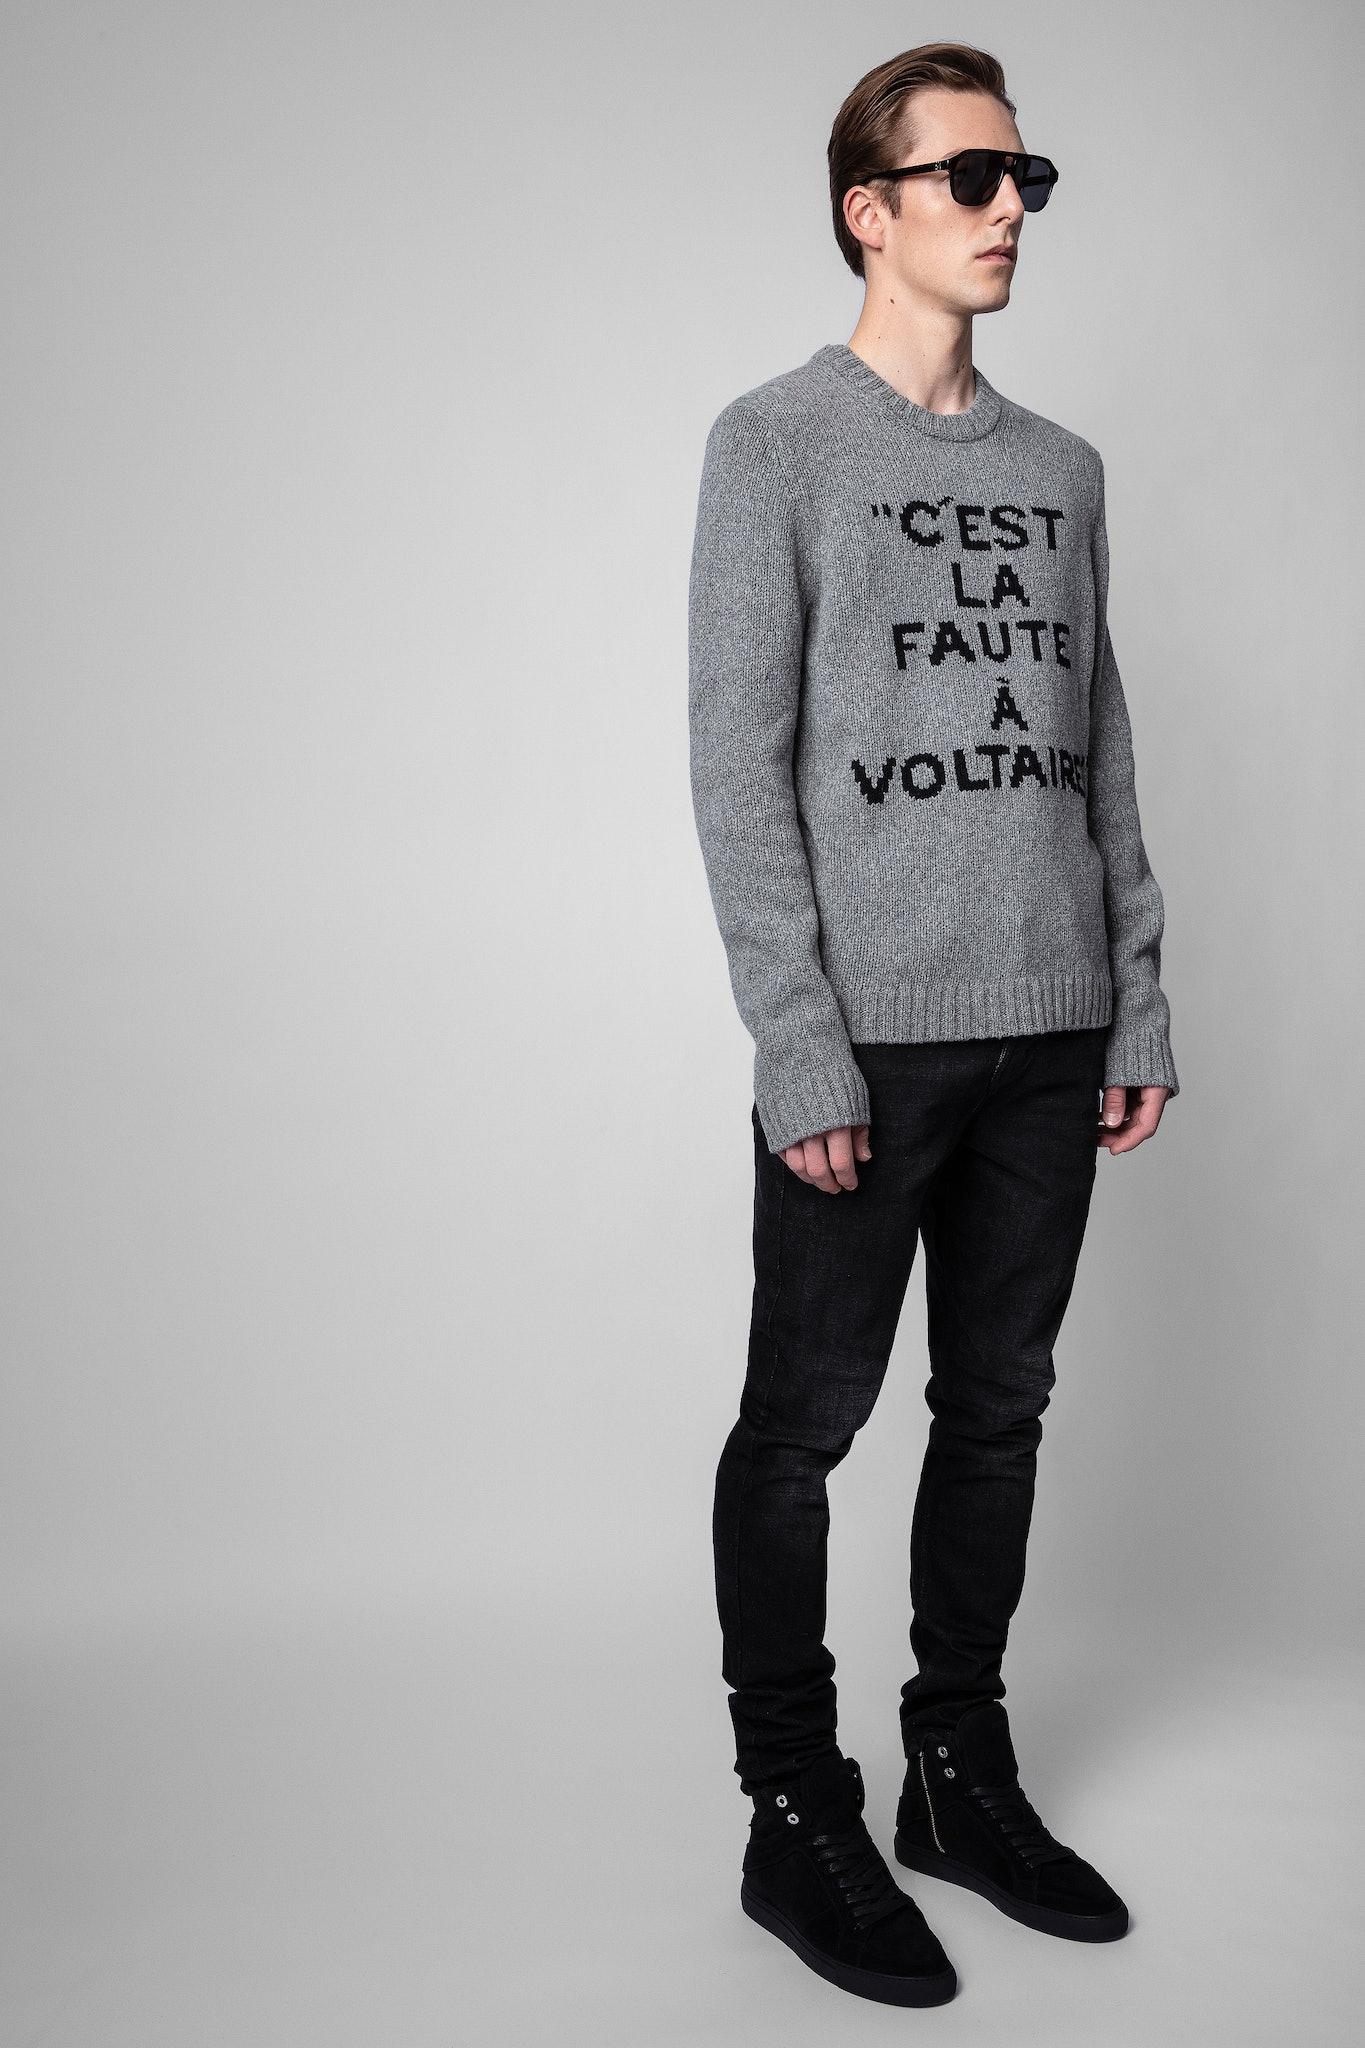 Kennedy La Faute À Voltaire Sweater